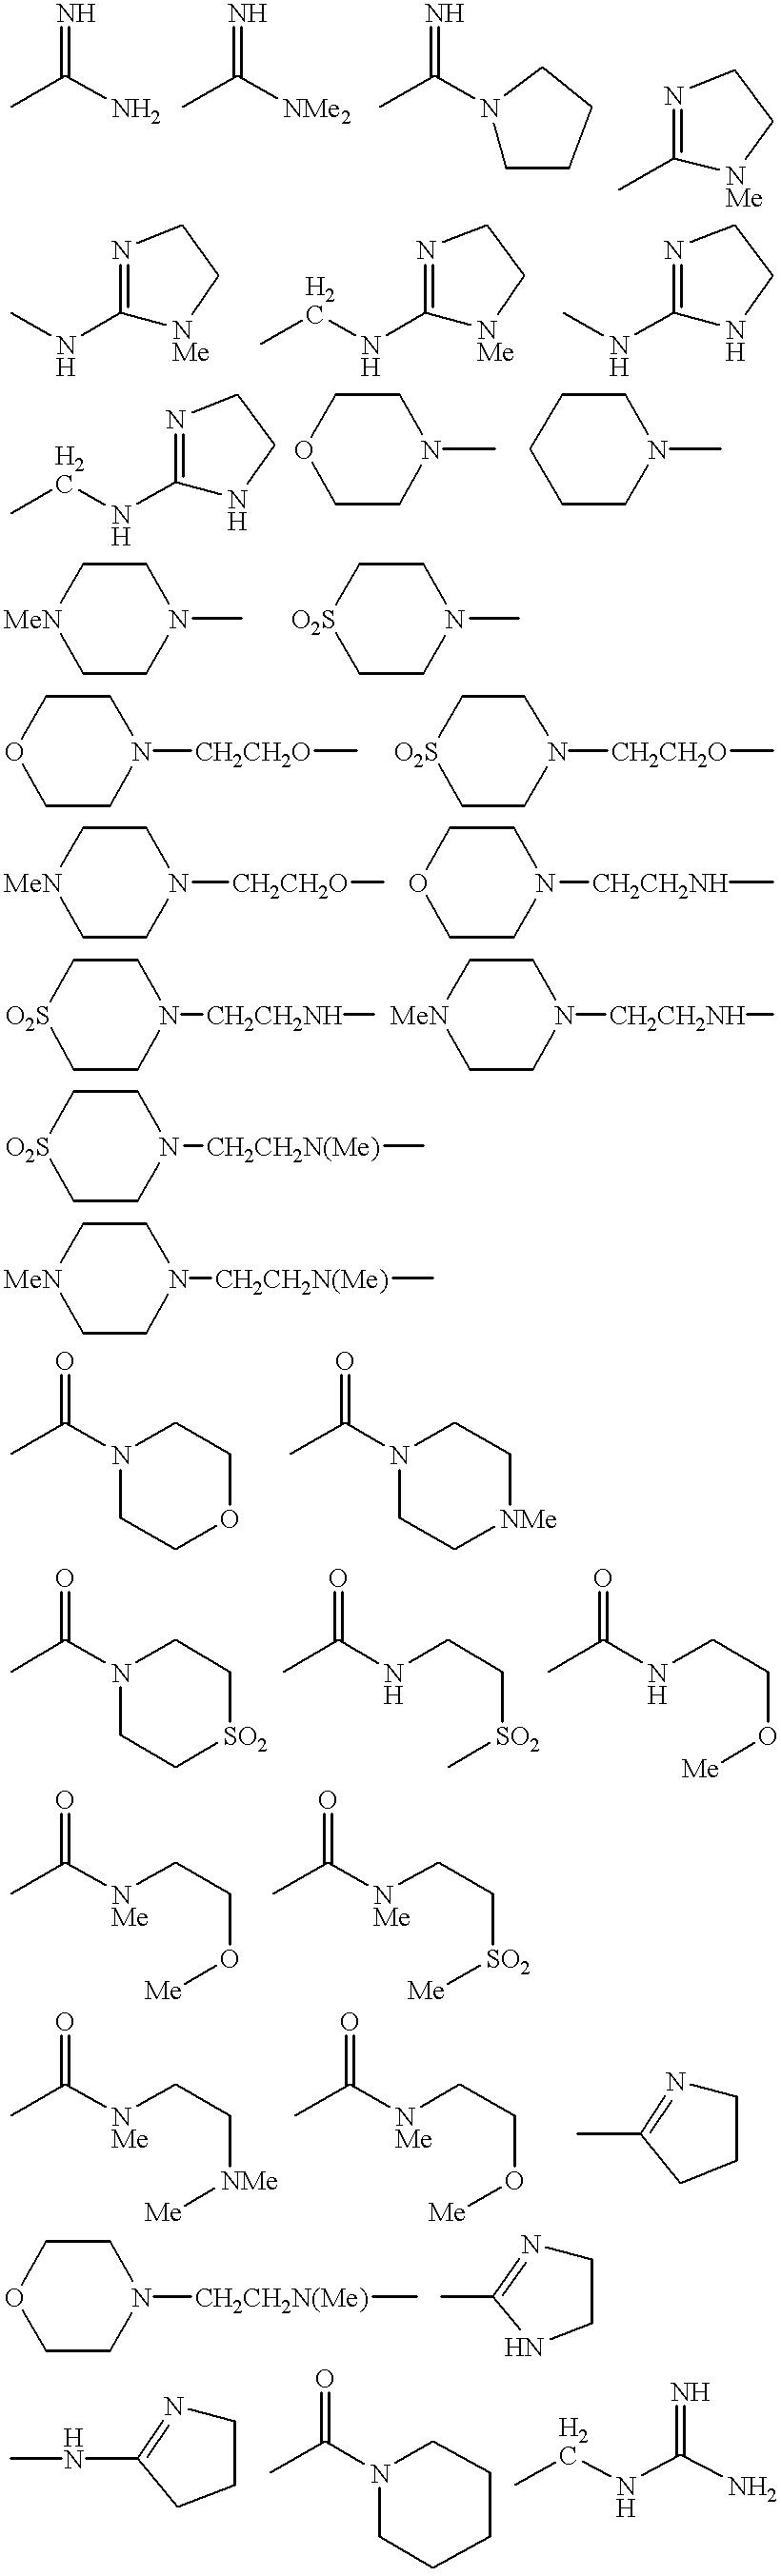 Figure US06376515-20020423-C00043